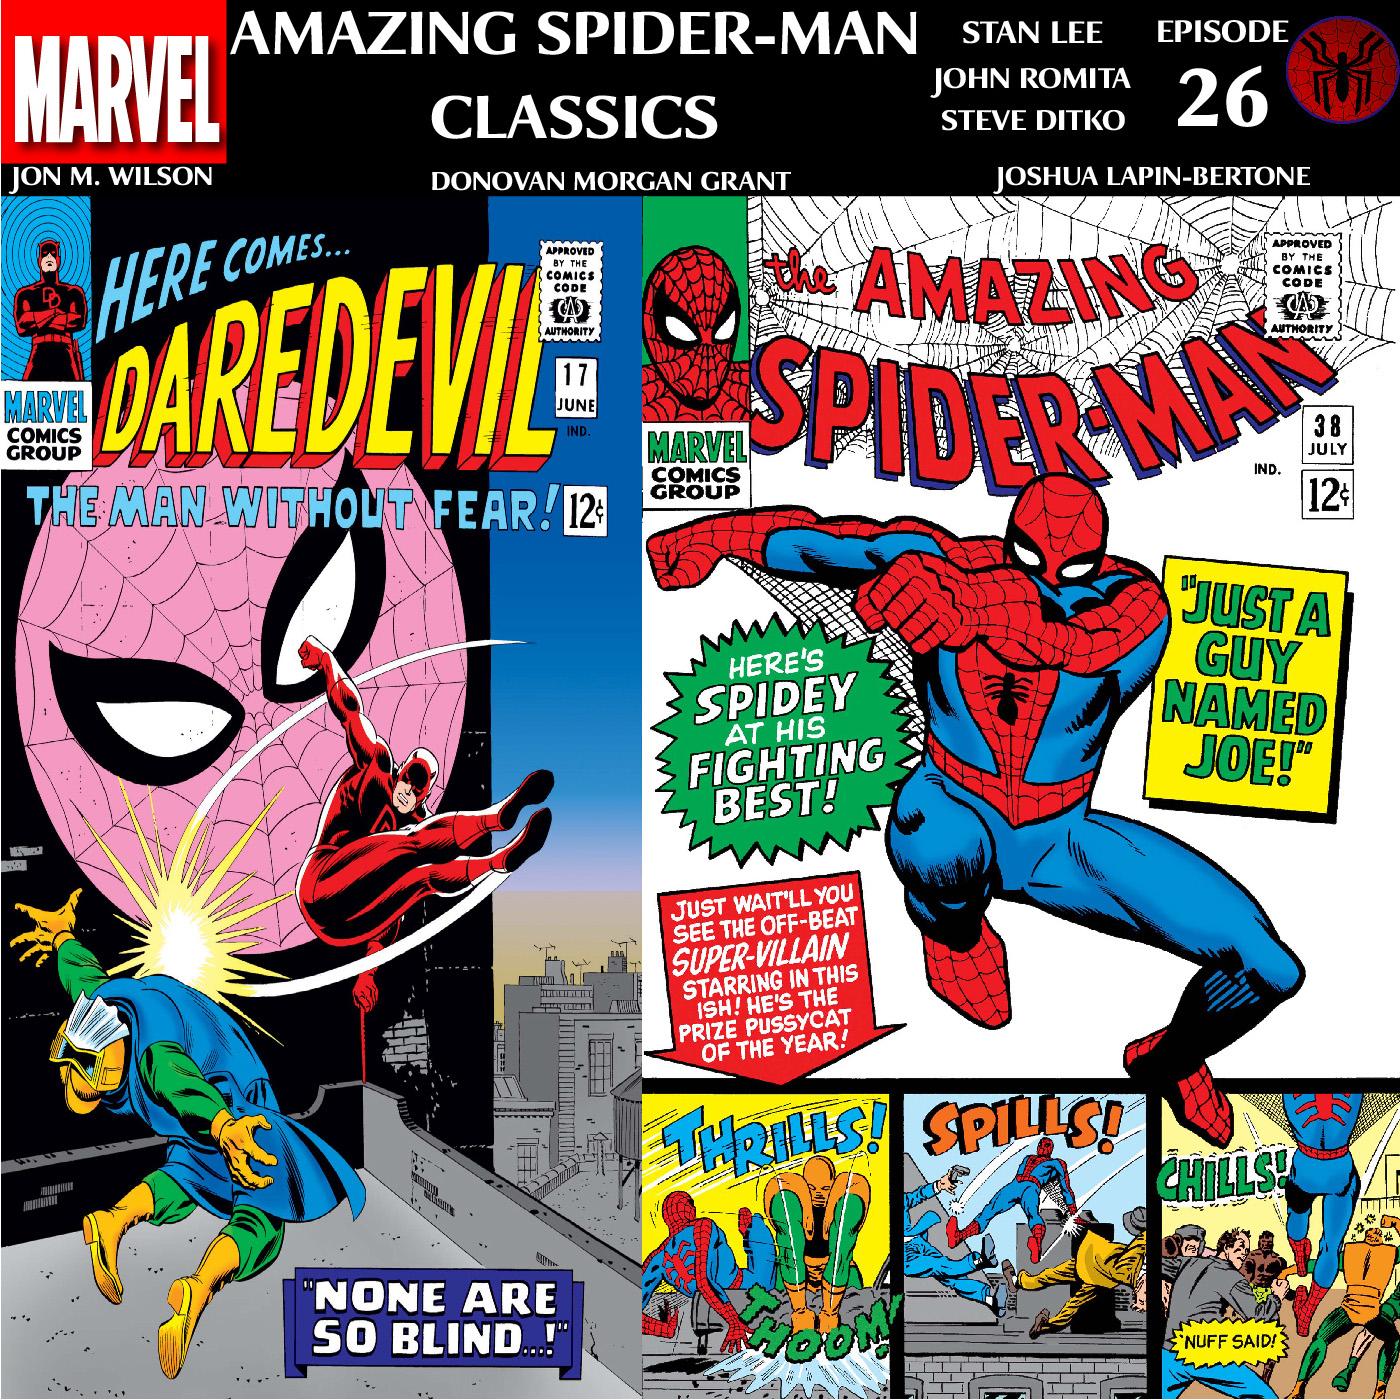 ASM Classics Episode 26: Daredevil 17 & Amazing Spider-Man 38